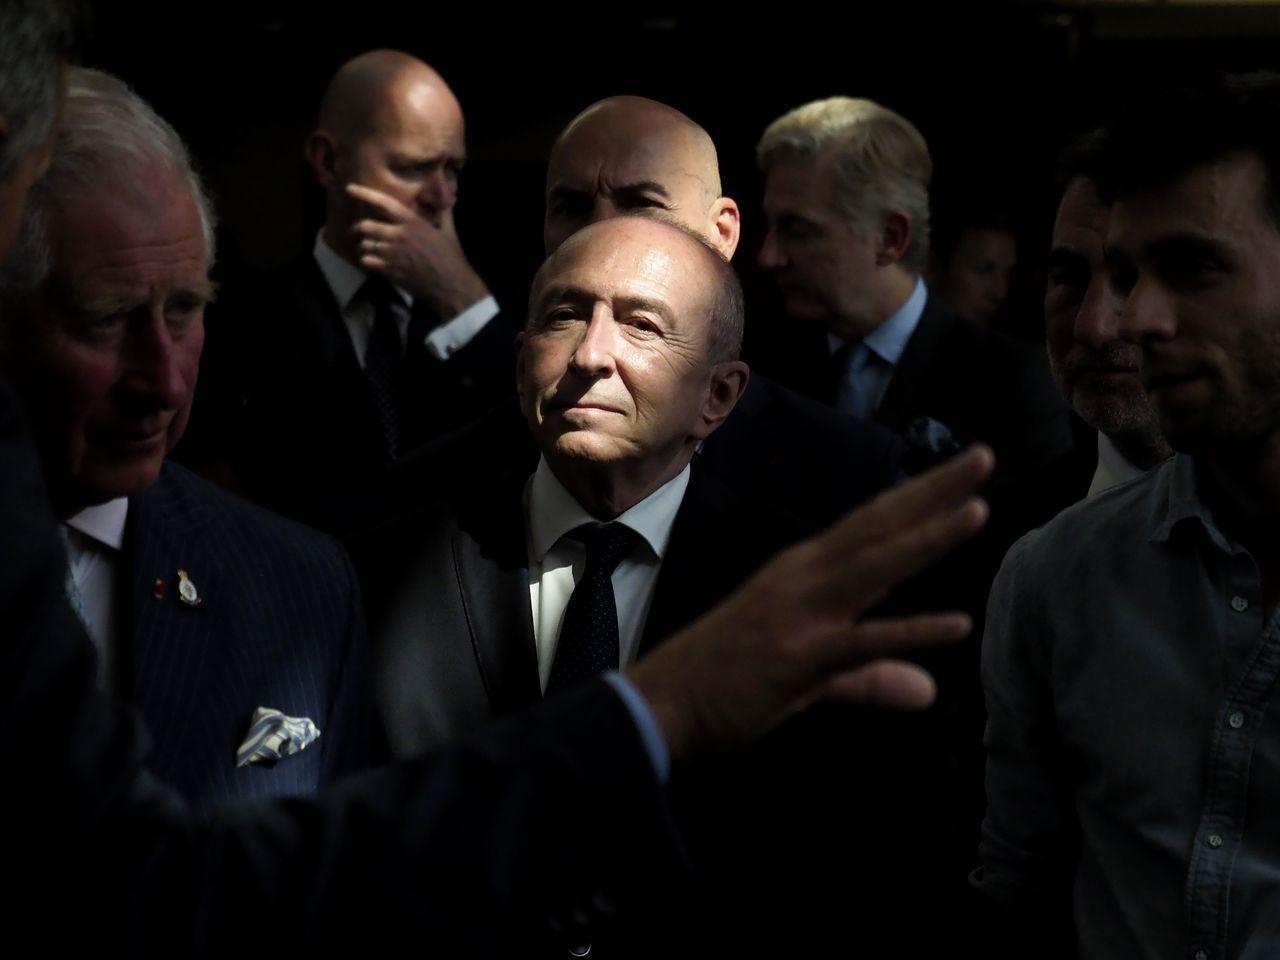 法國內政部長柯隆布18日表示,破獲一起恐怖攻擊陰謀。 歐新社